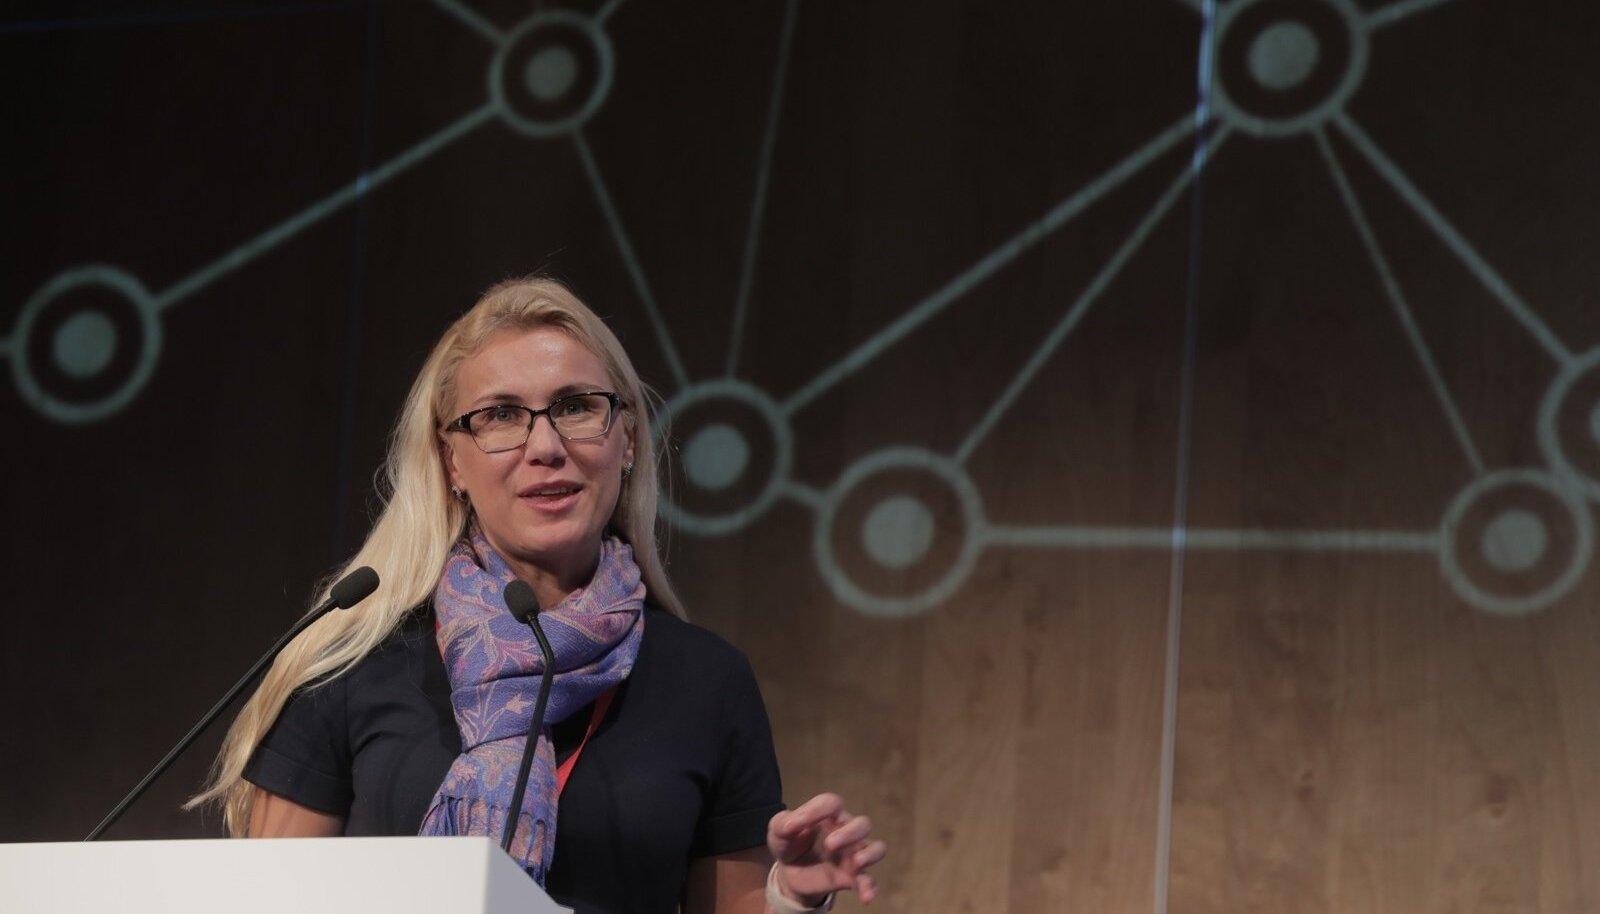 Majandus- ja taristuminister Kadri Simson Rail Balticu konverentsil kõnepuldis.